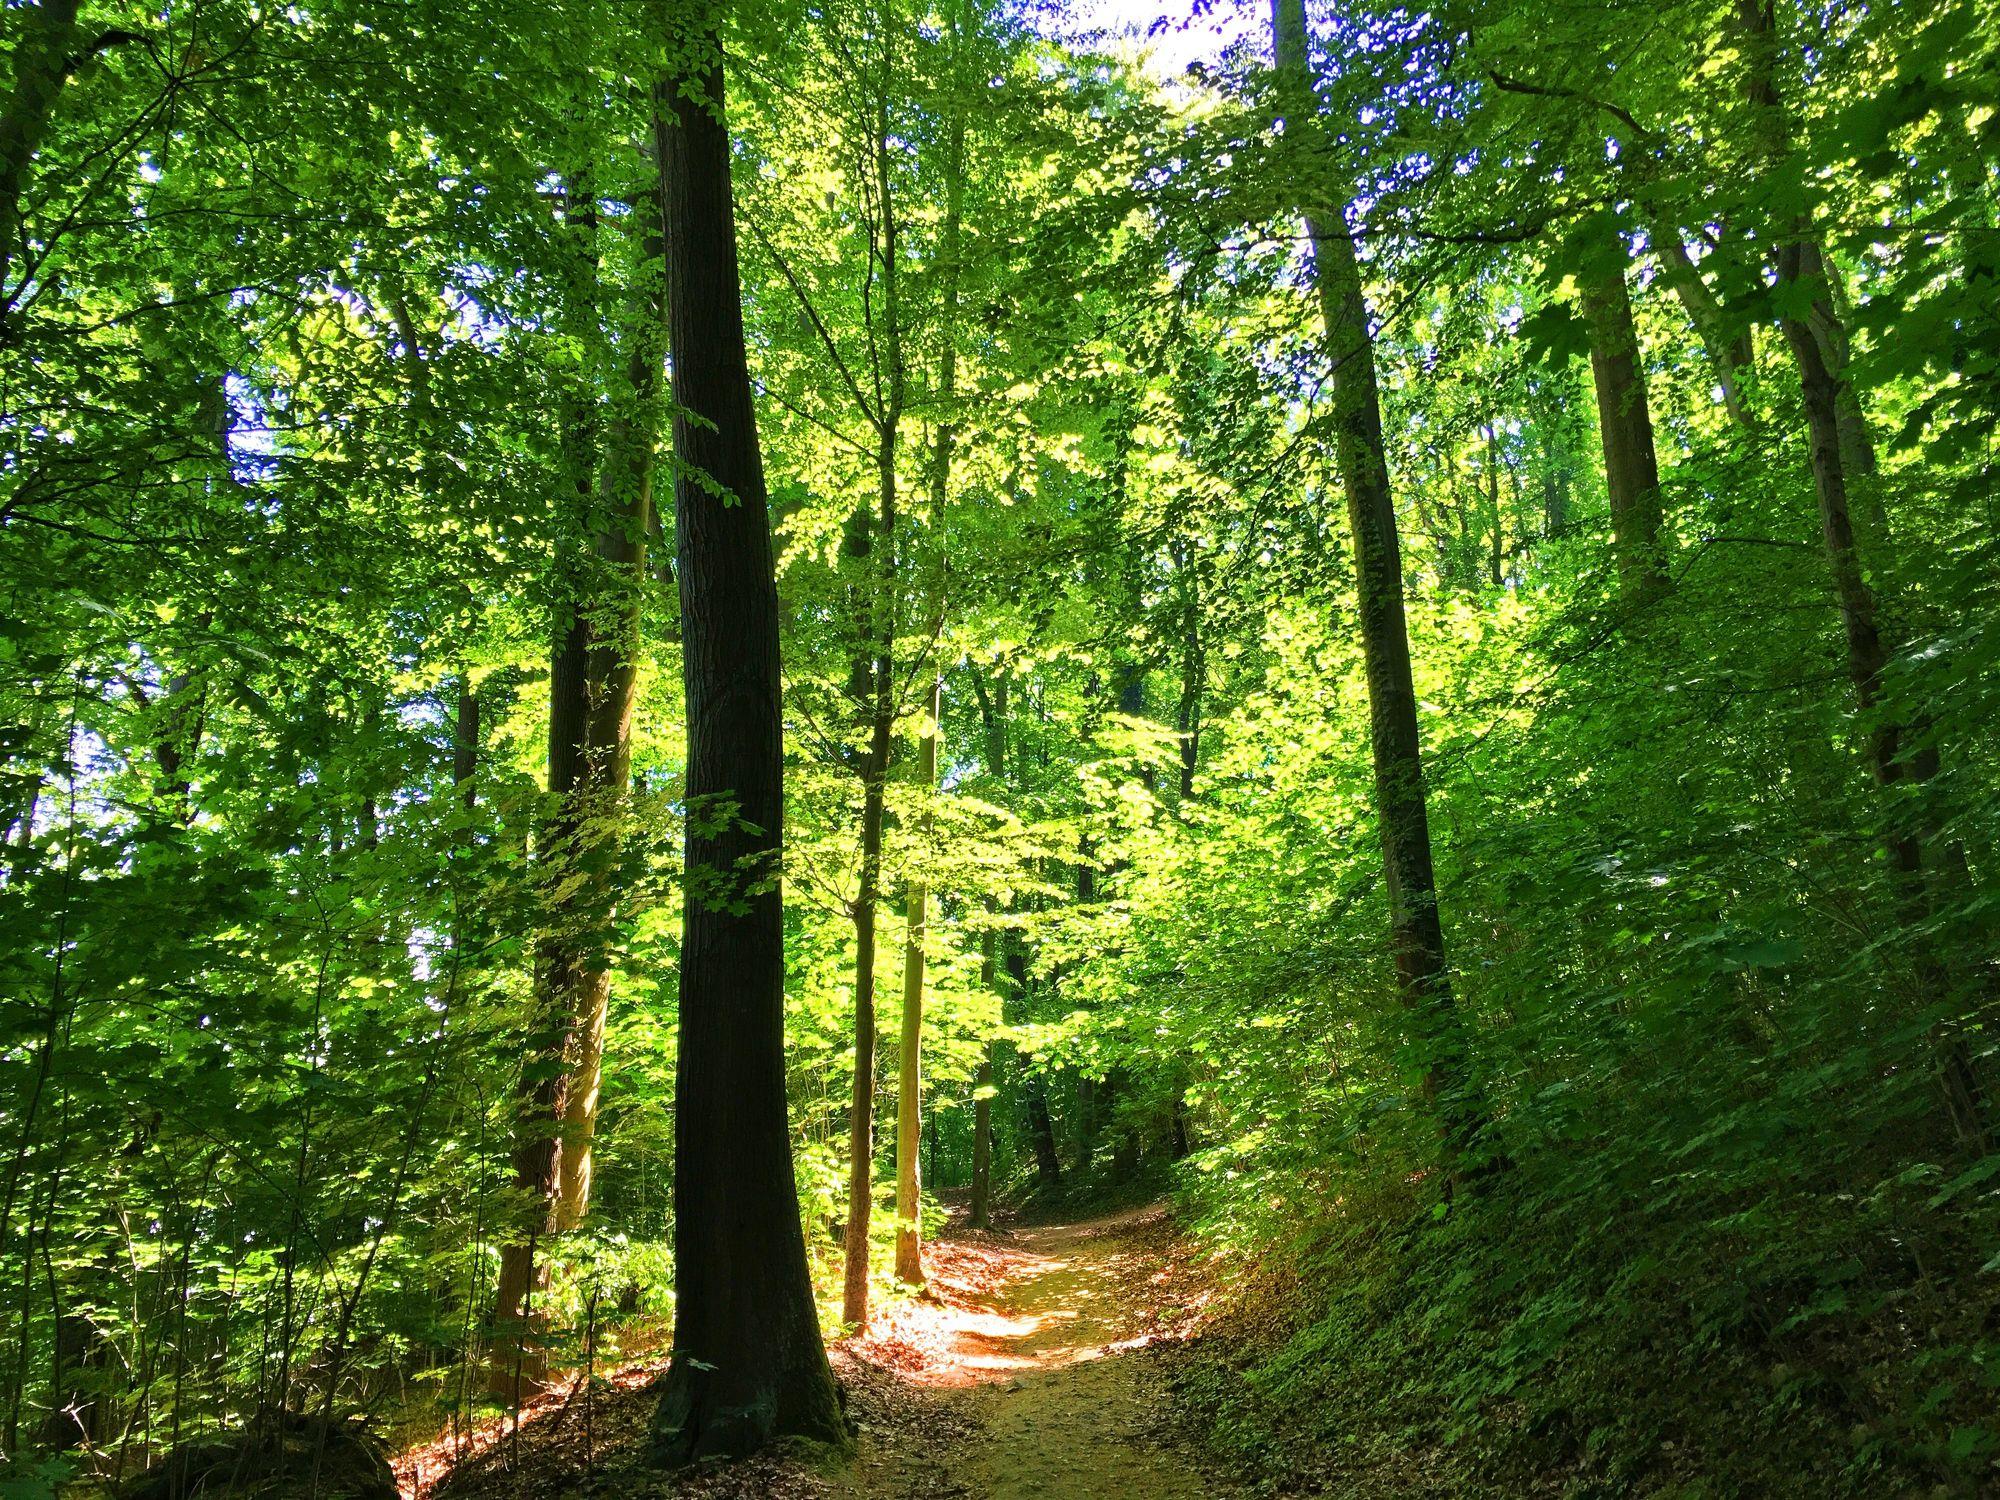 Bild mit Natur, Grün, Pflanzen, Landschaften, Bäume, Wälder, Wald, Lichtung, Baum, Waldlichtung, Weg, Waldweg